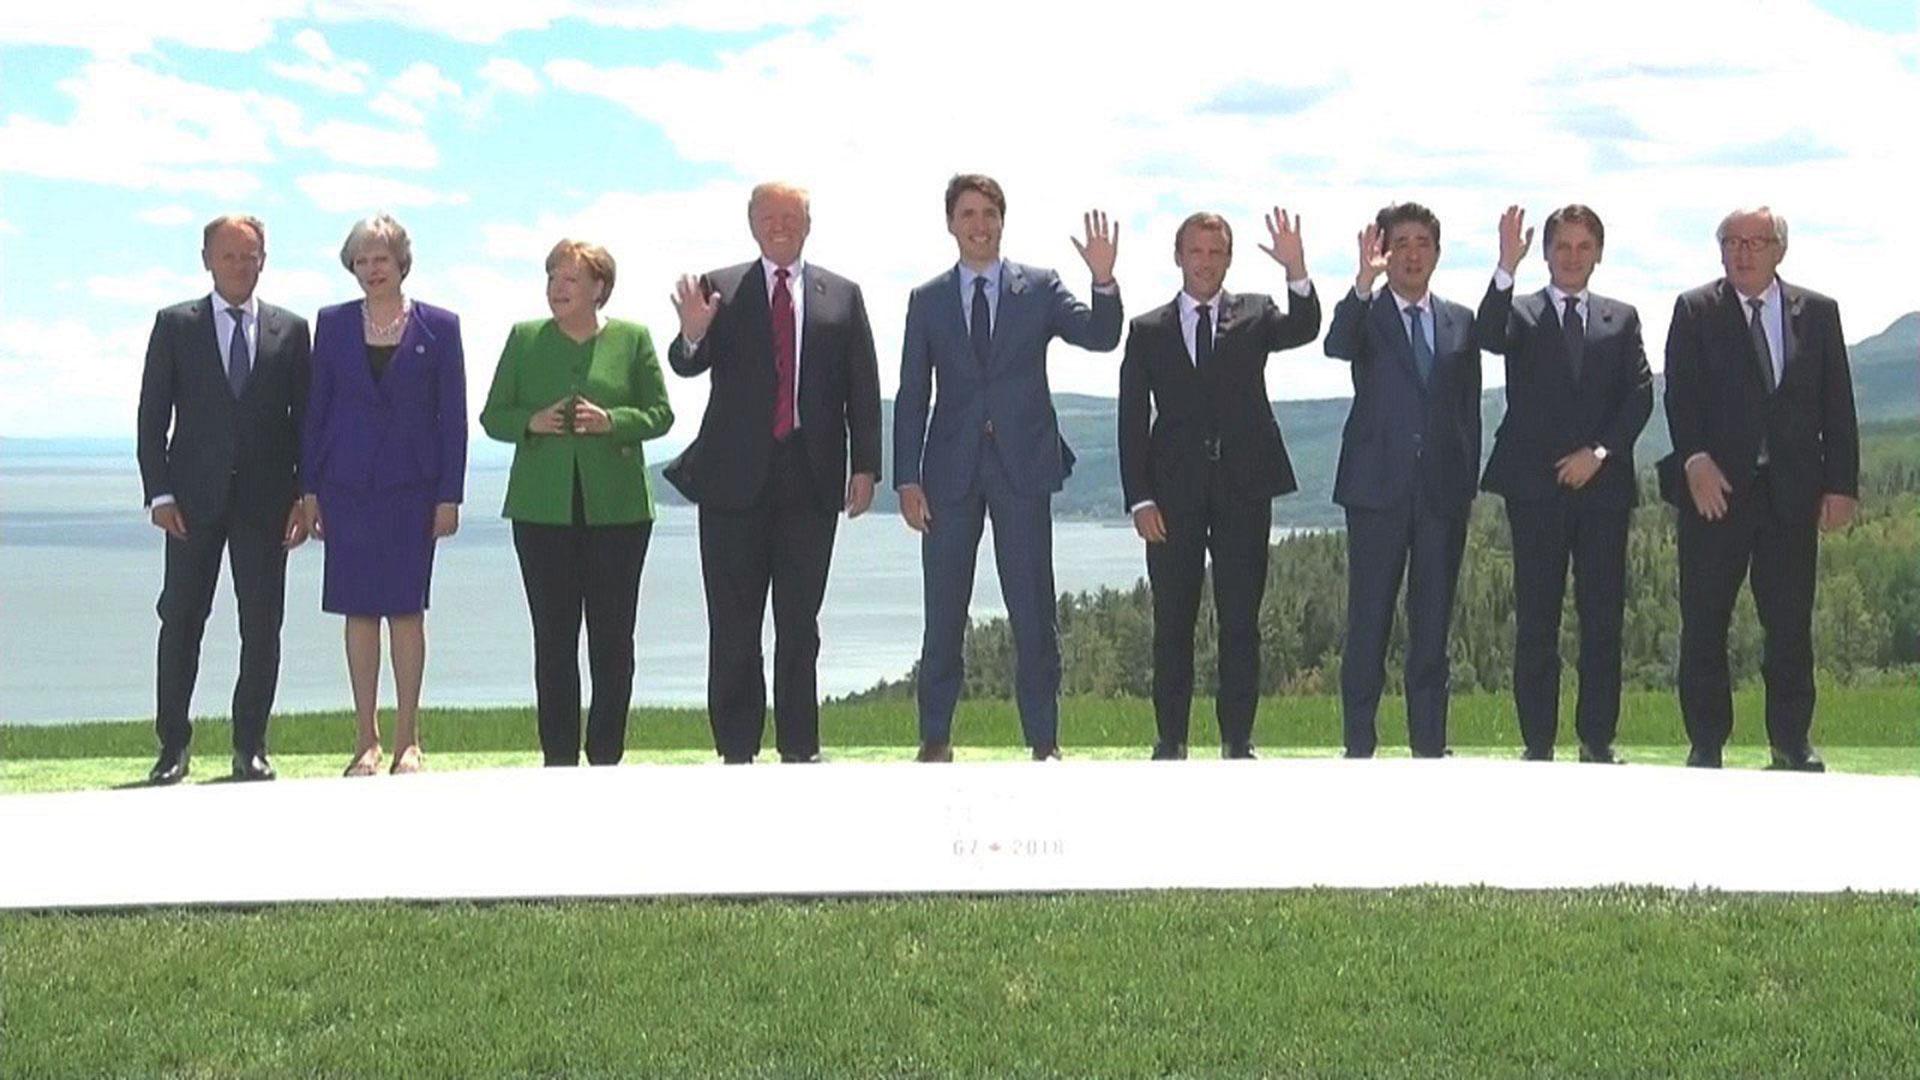 La foto de familia de la Cumbre del G7 que se realizó en Canadá el año pasado y terminó con duras críticas de Trump al multilateralismo